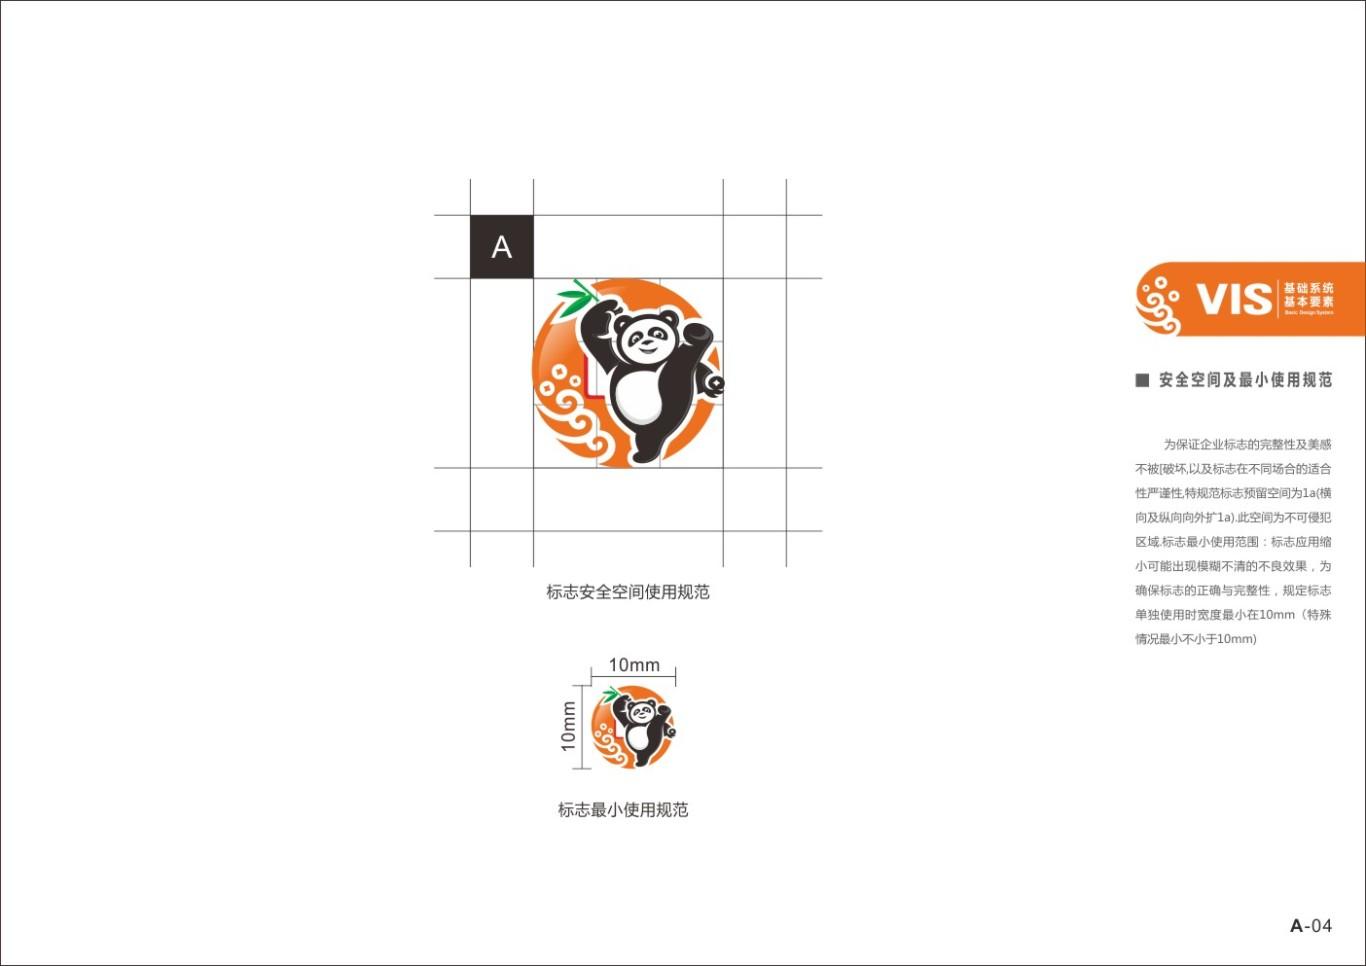 四川广融钱多多品牌及VI形象设计图5